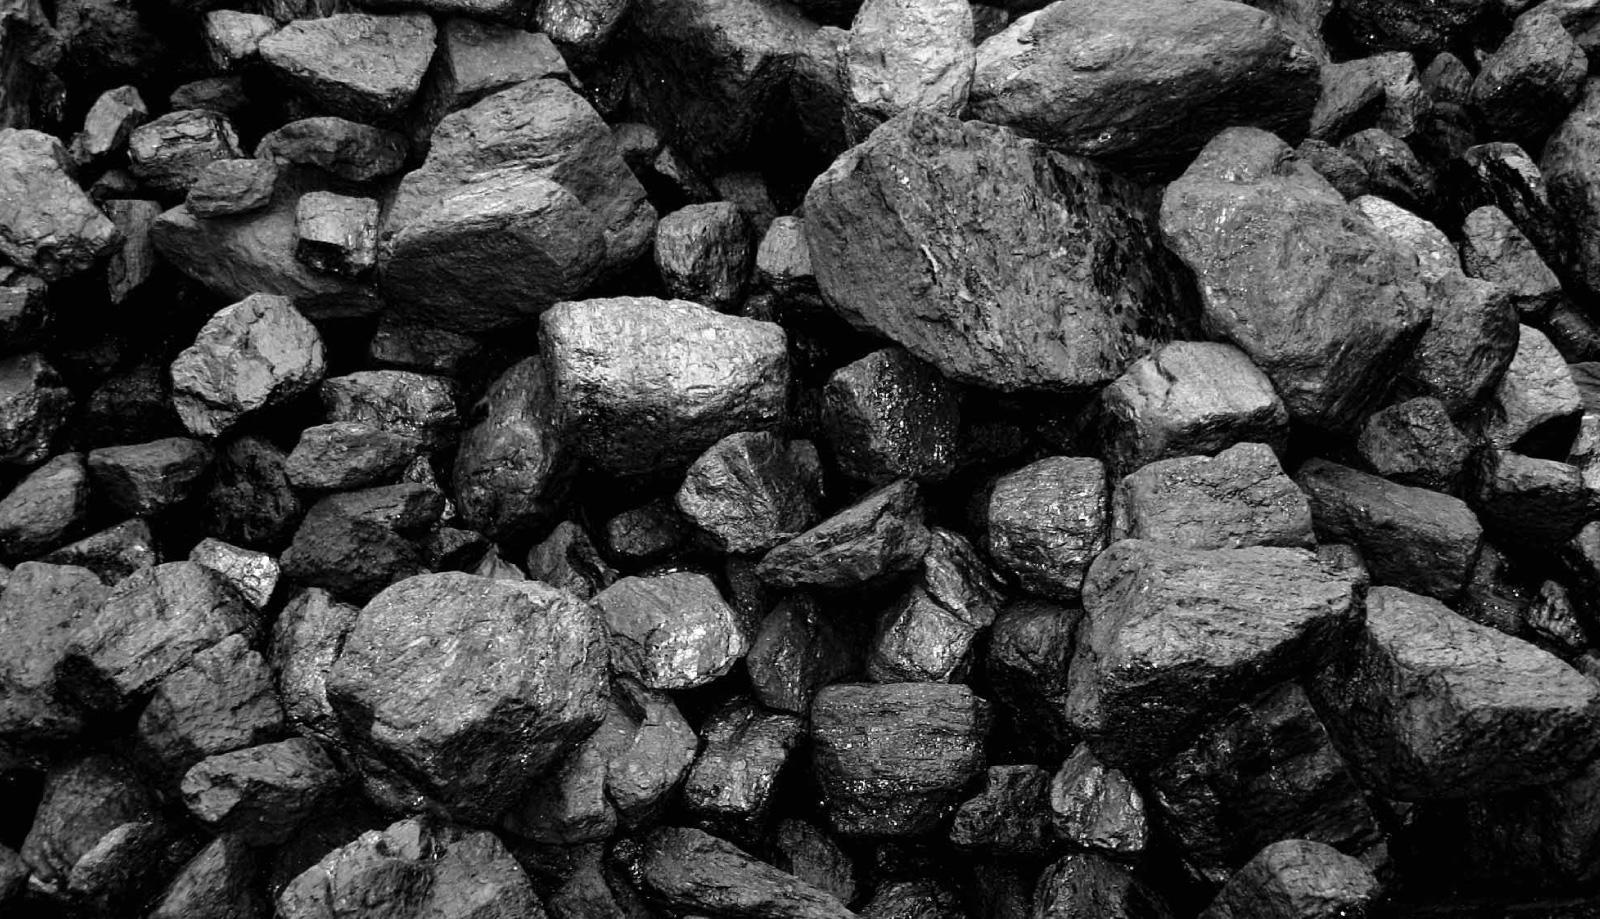 В Астану привезли более 5,5 тонн угля